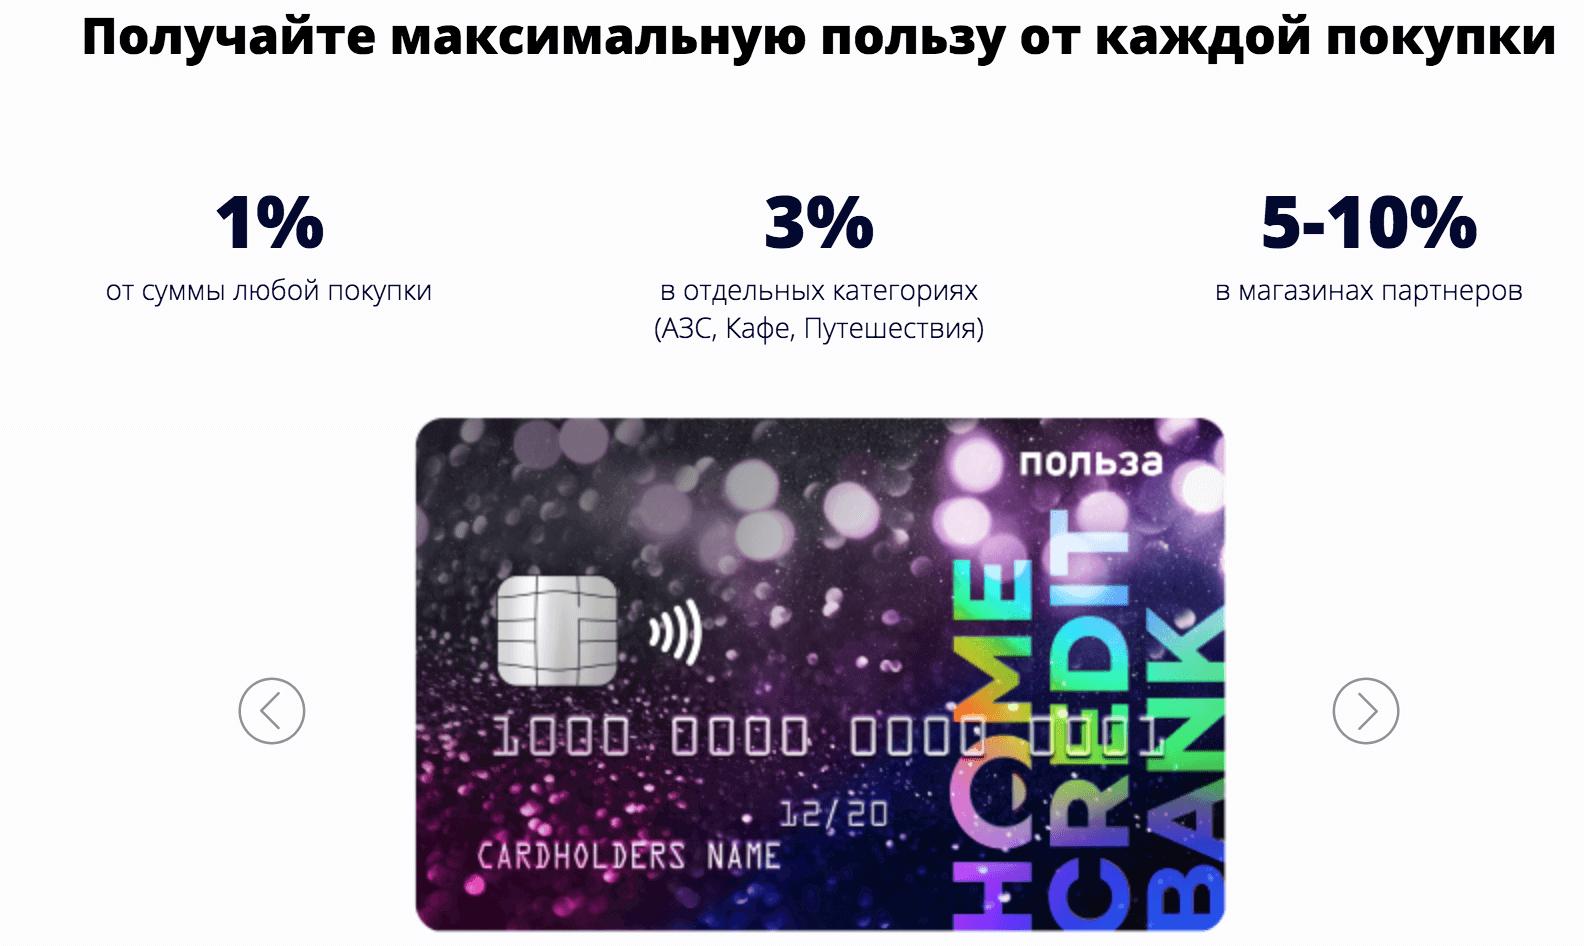 банк хоум кредит карта польза visa platinum кредити на карточку до 20 тисяч гривень